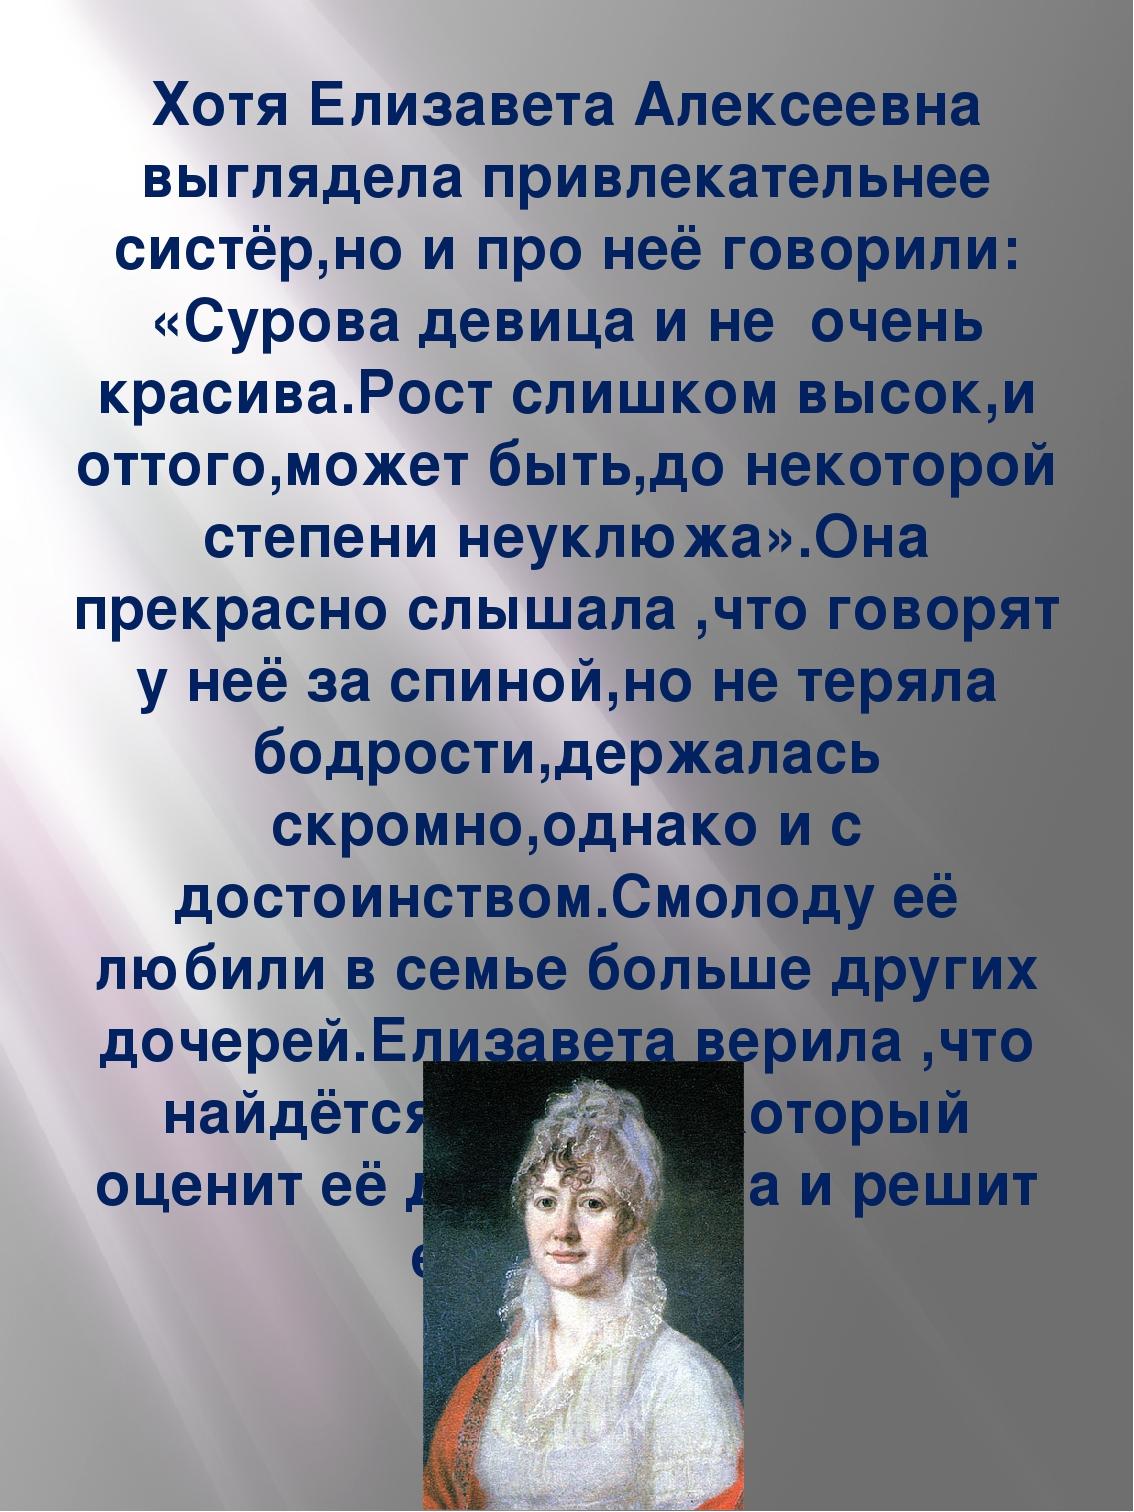 Хотя Елизавета Алексеевна выглядела привлекательнее систёр,но и про неё говор...